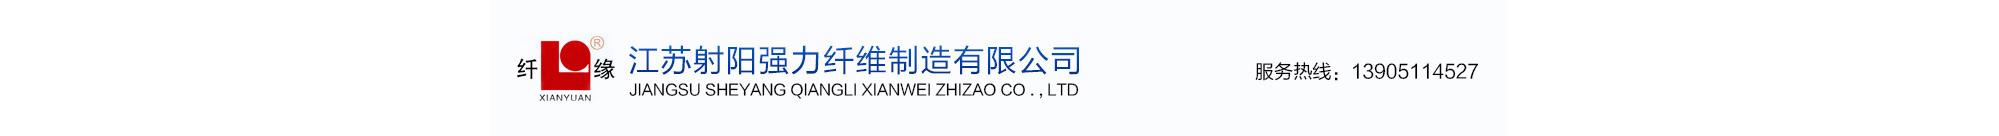 江苏射阳强力纤维制造有限公司